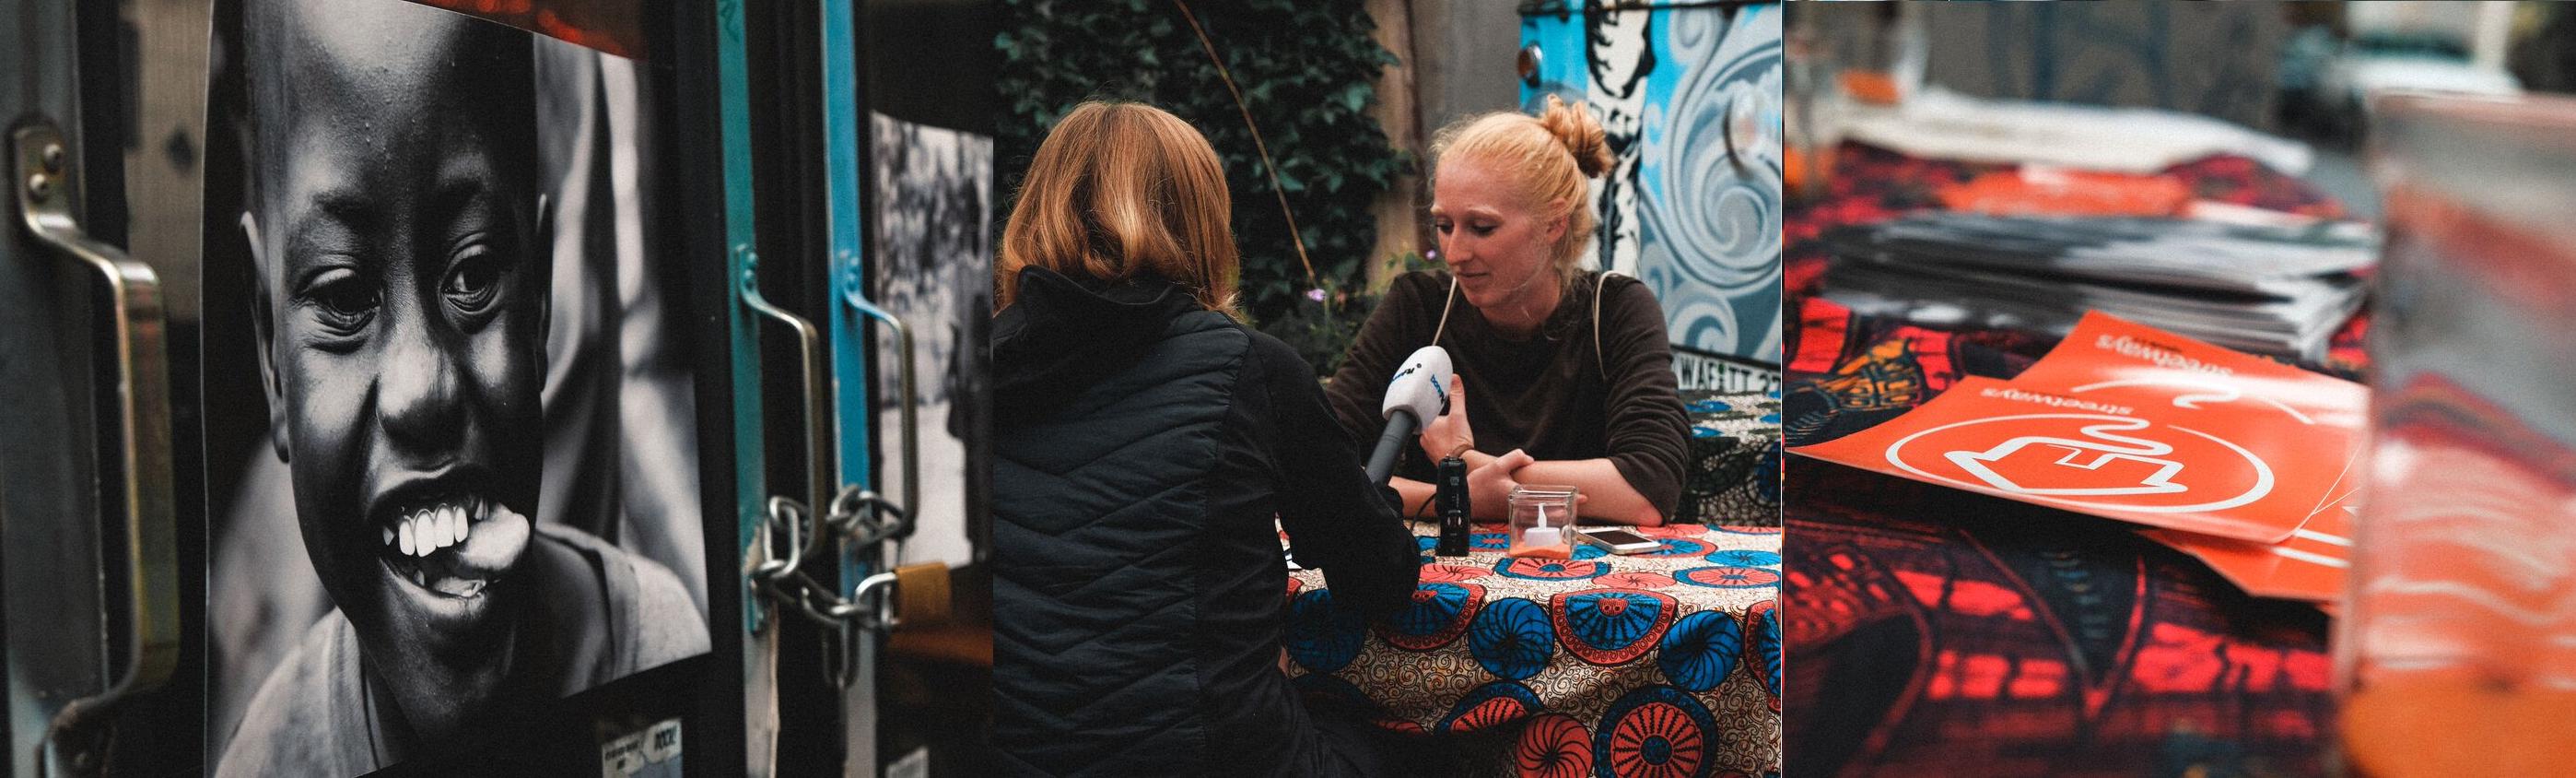 bonnFM im Gespräch mit Vorstandsmitglied Charlotte Weiss. Bild: Lukas Piel